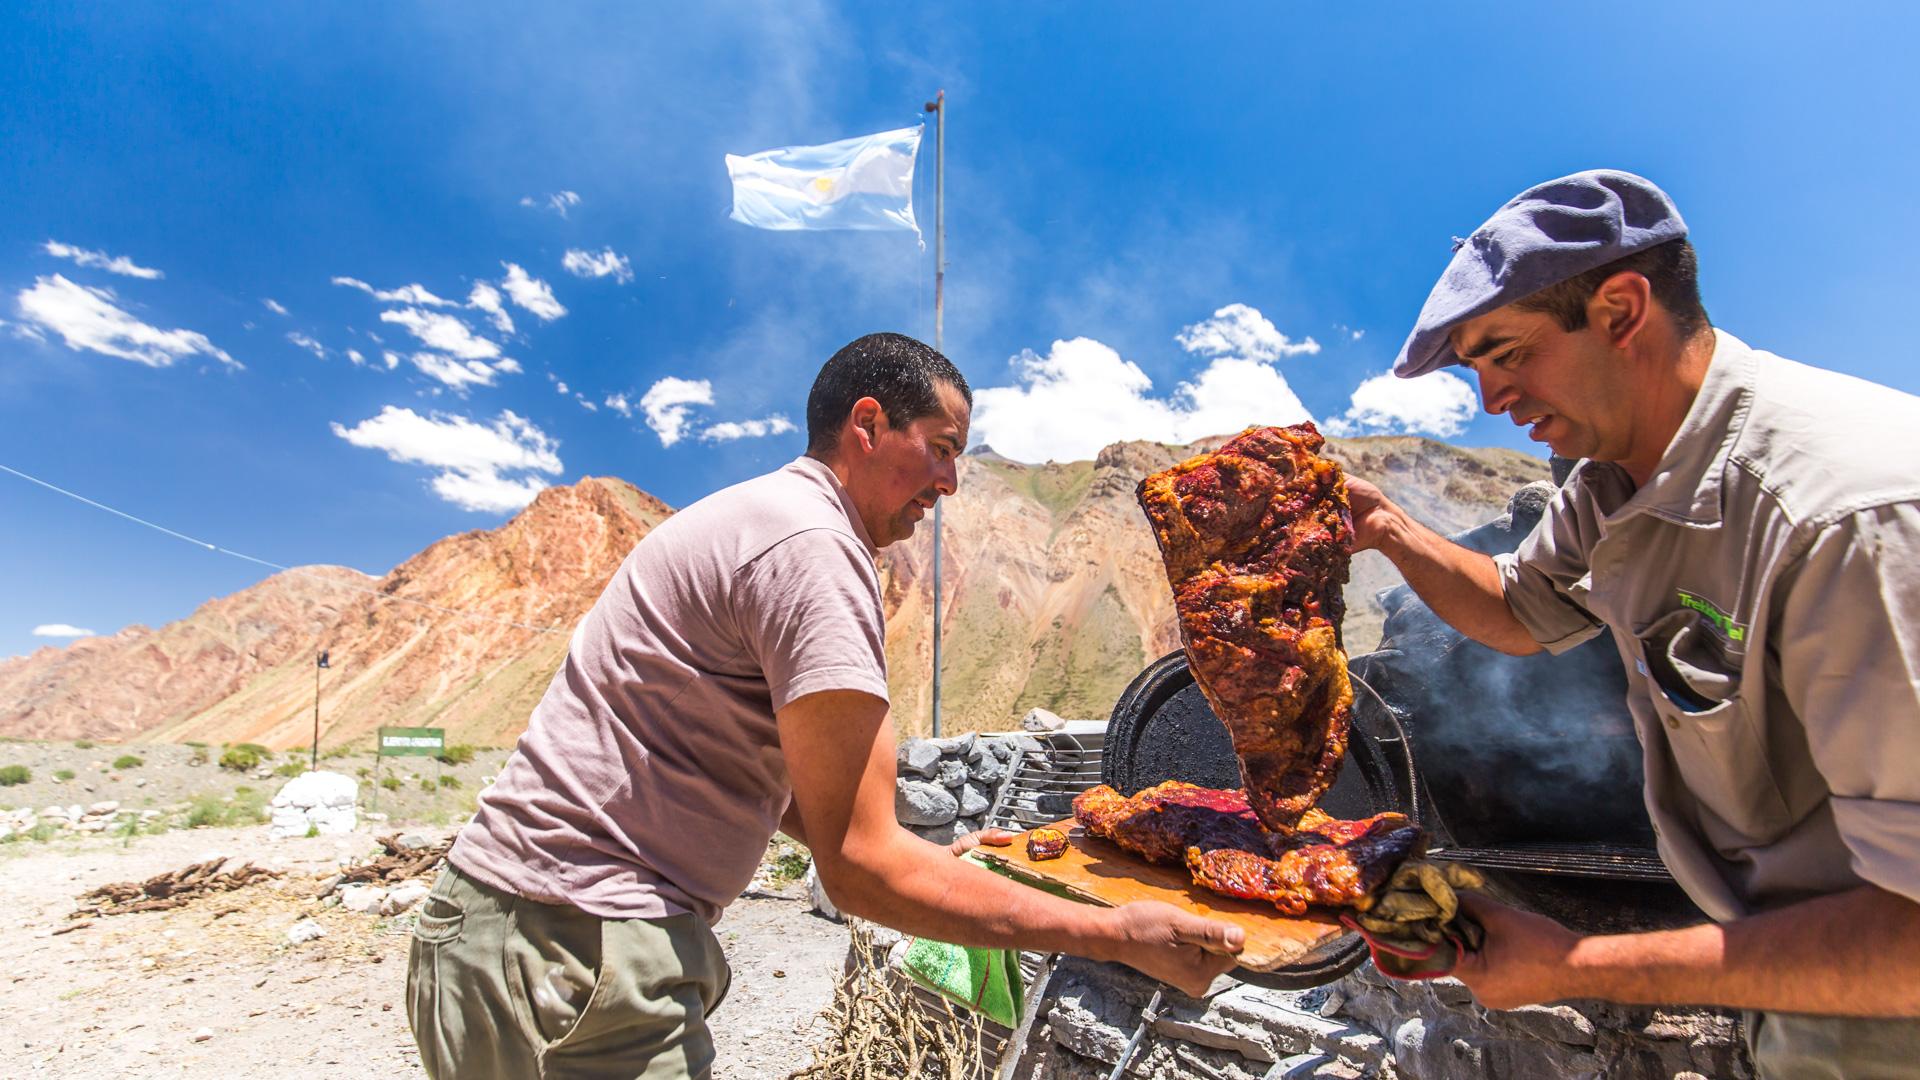 Pyszne asado przygotowane przez naszych gauchos! Real de la Cruz